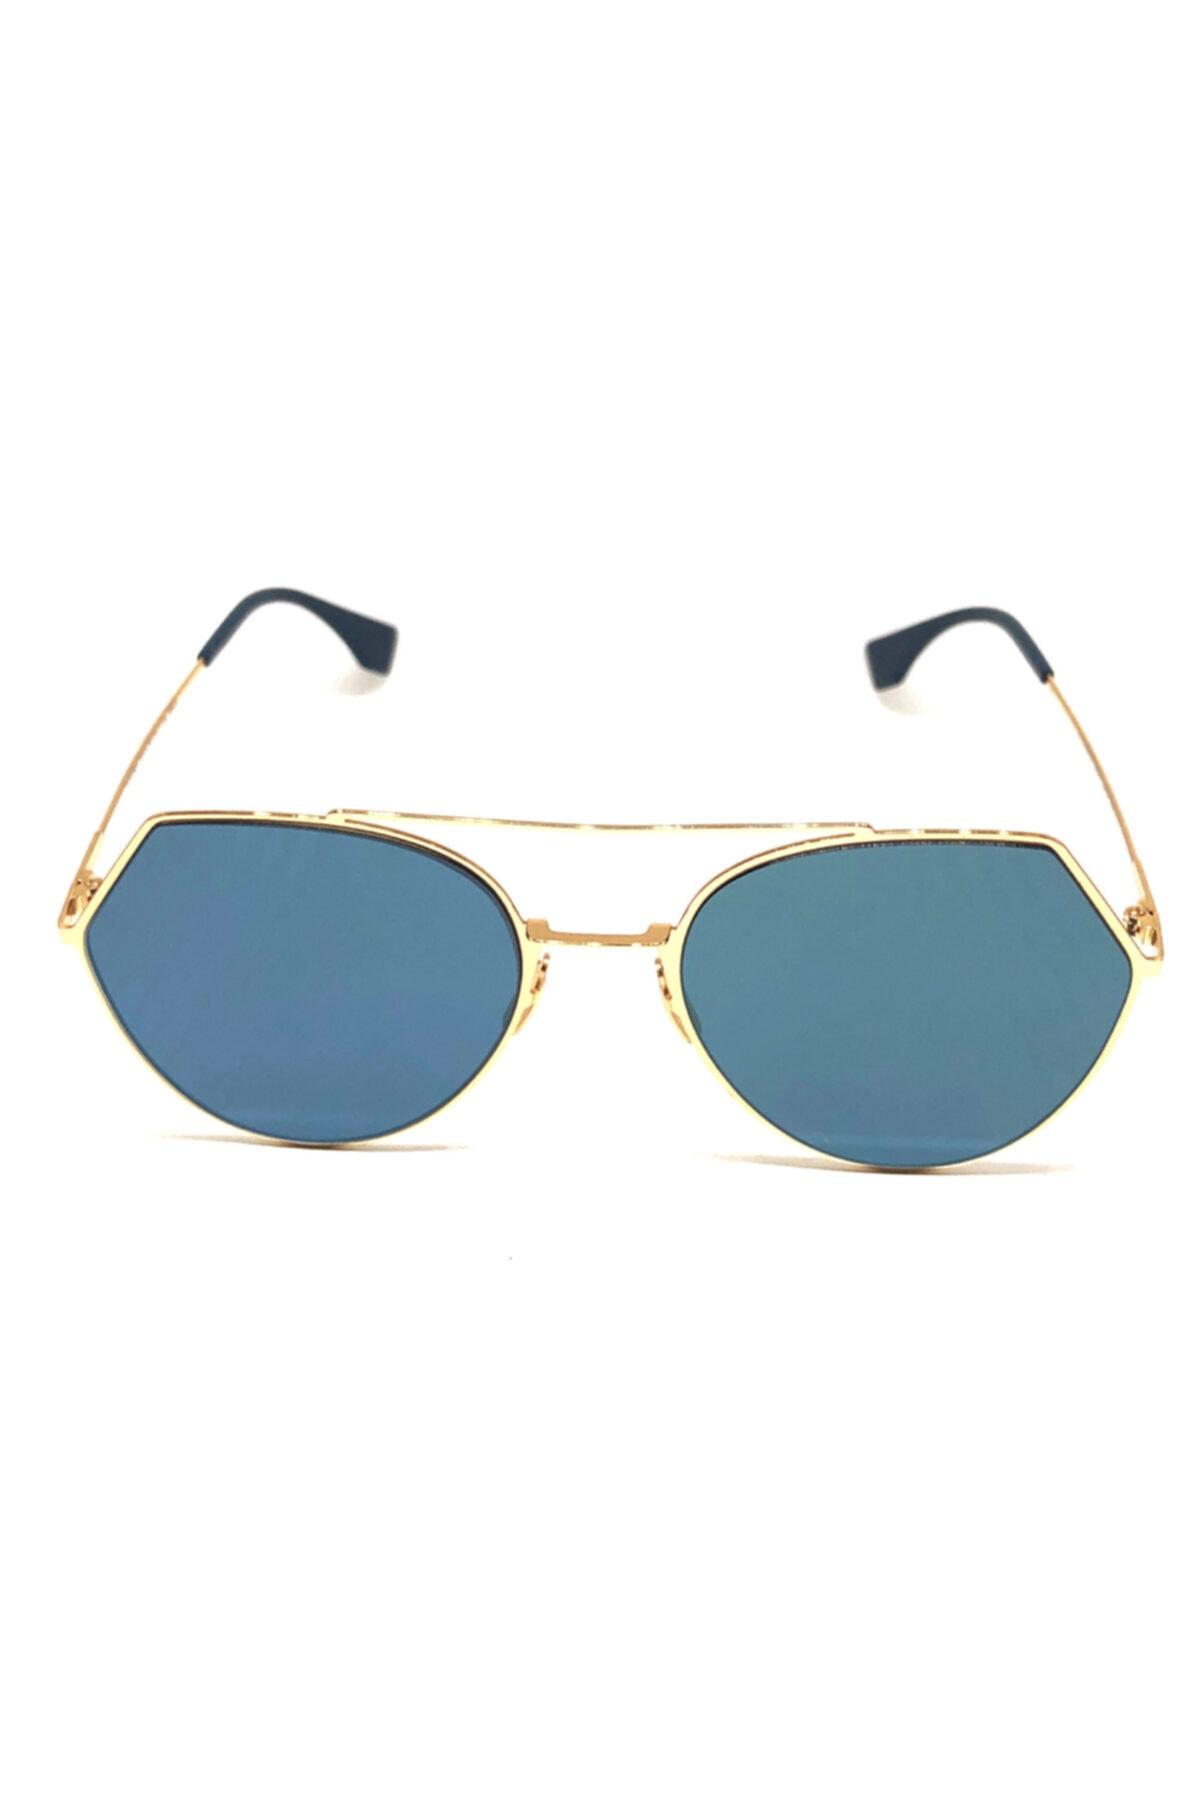 فروش عینک آفتابی زنانه ترک مجلسی برند Fendi رنگ سبز کد ty49668844